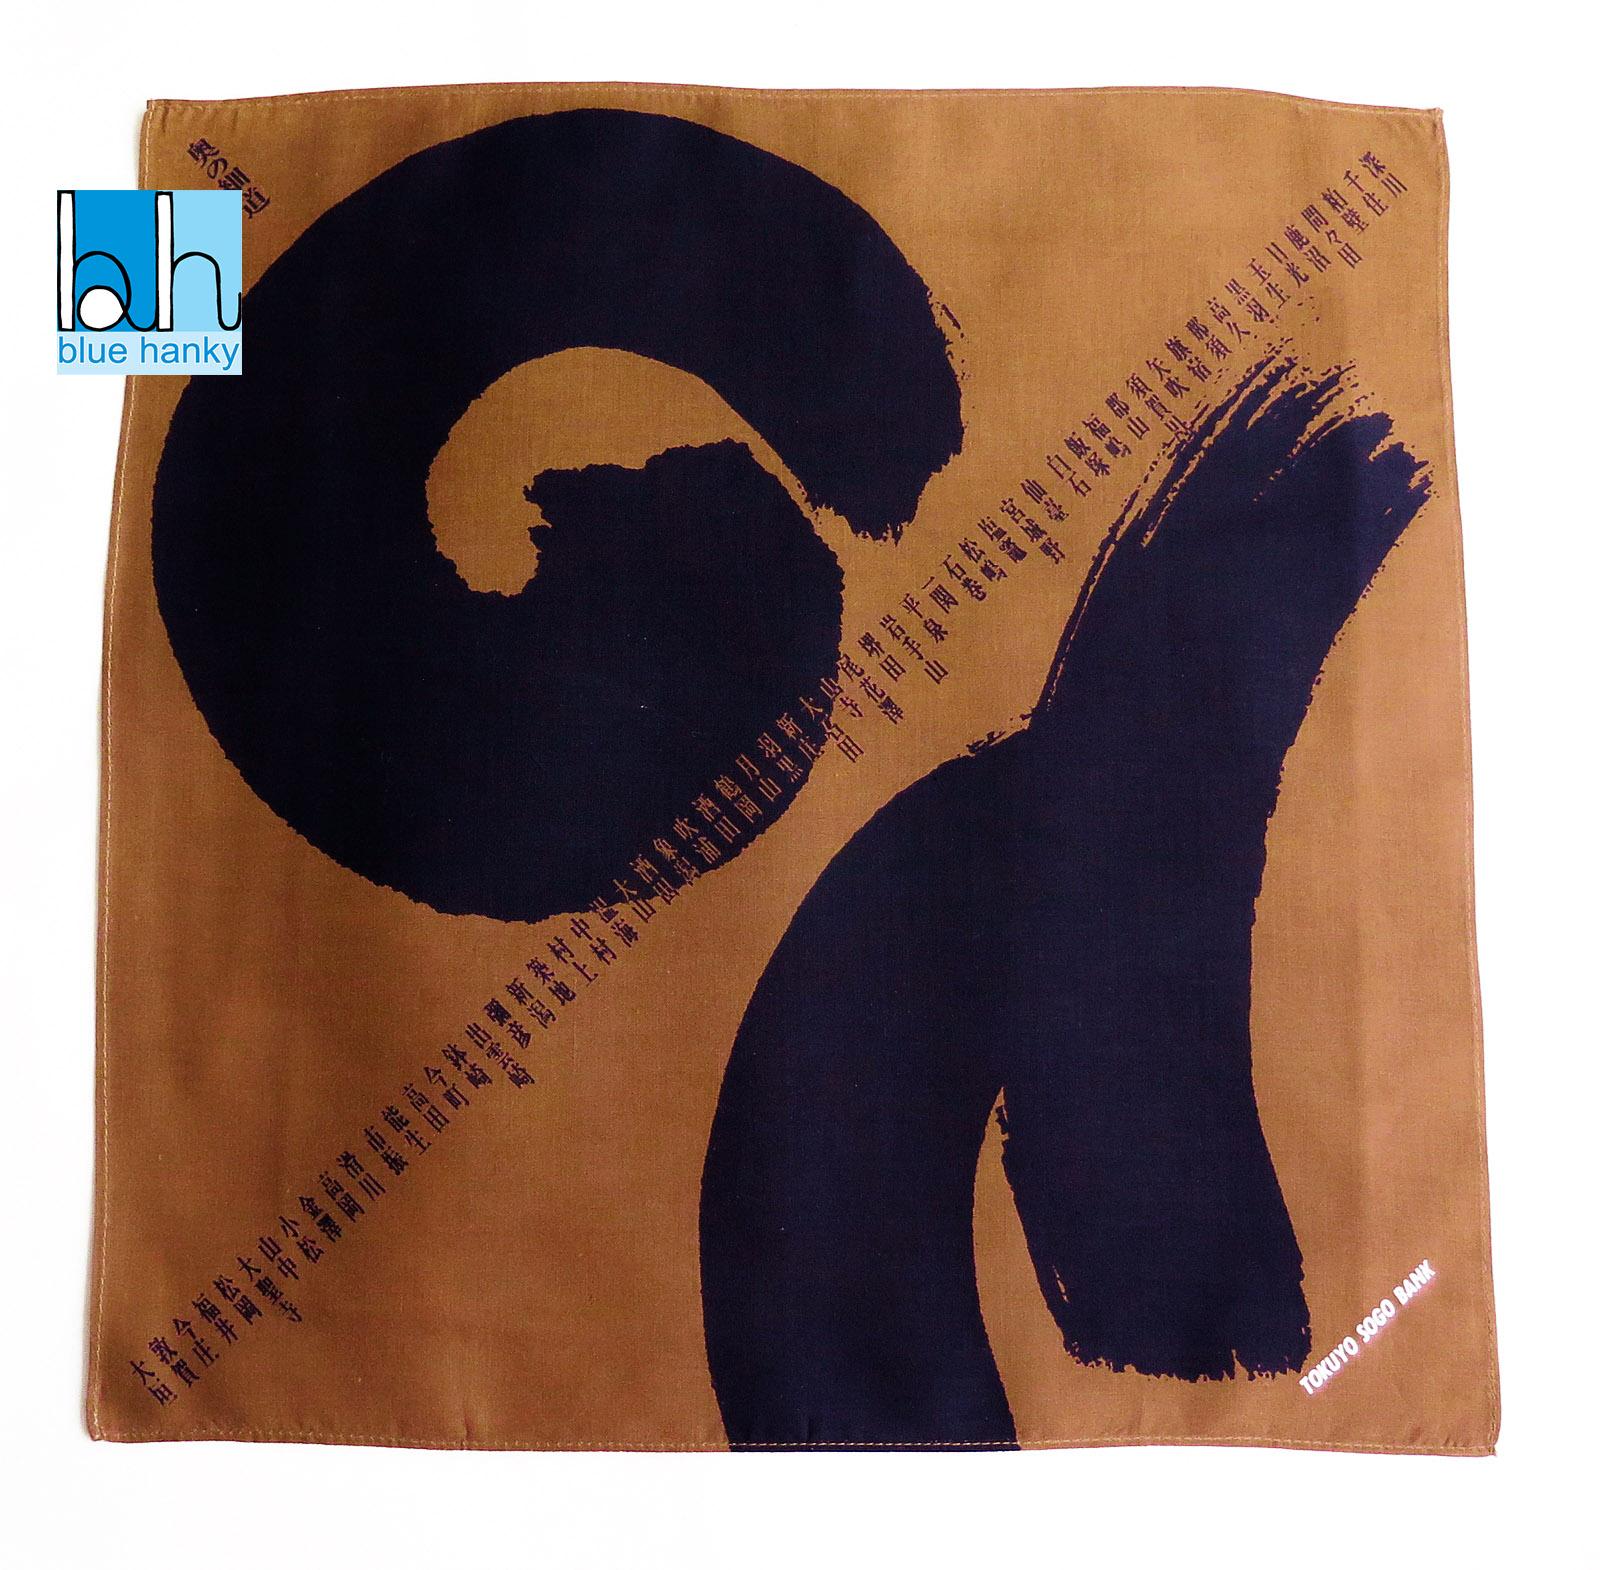 """#72 18"""" TOKUYO SOGO BANK ผ้าเช็ดหน้ามือ2 สภาพดี ผ้าเช็ดหน้าผืนใหญ่"""